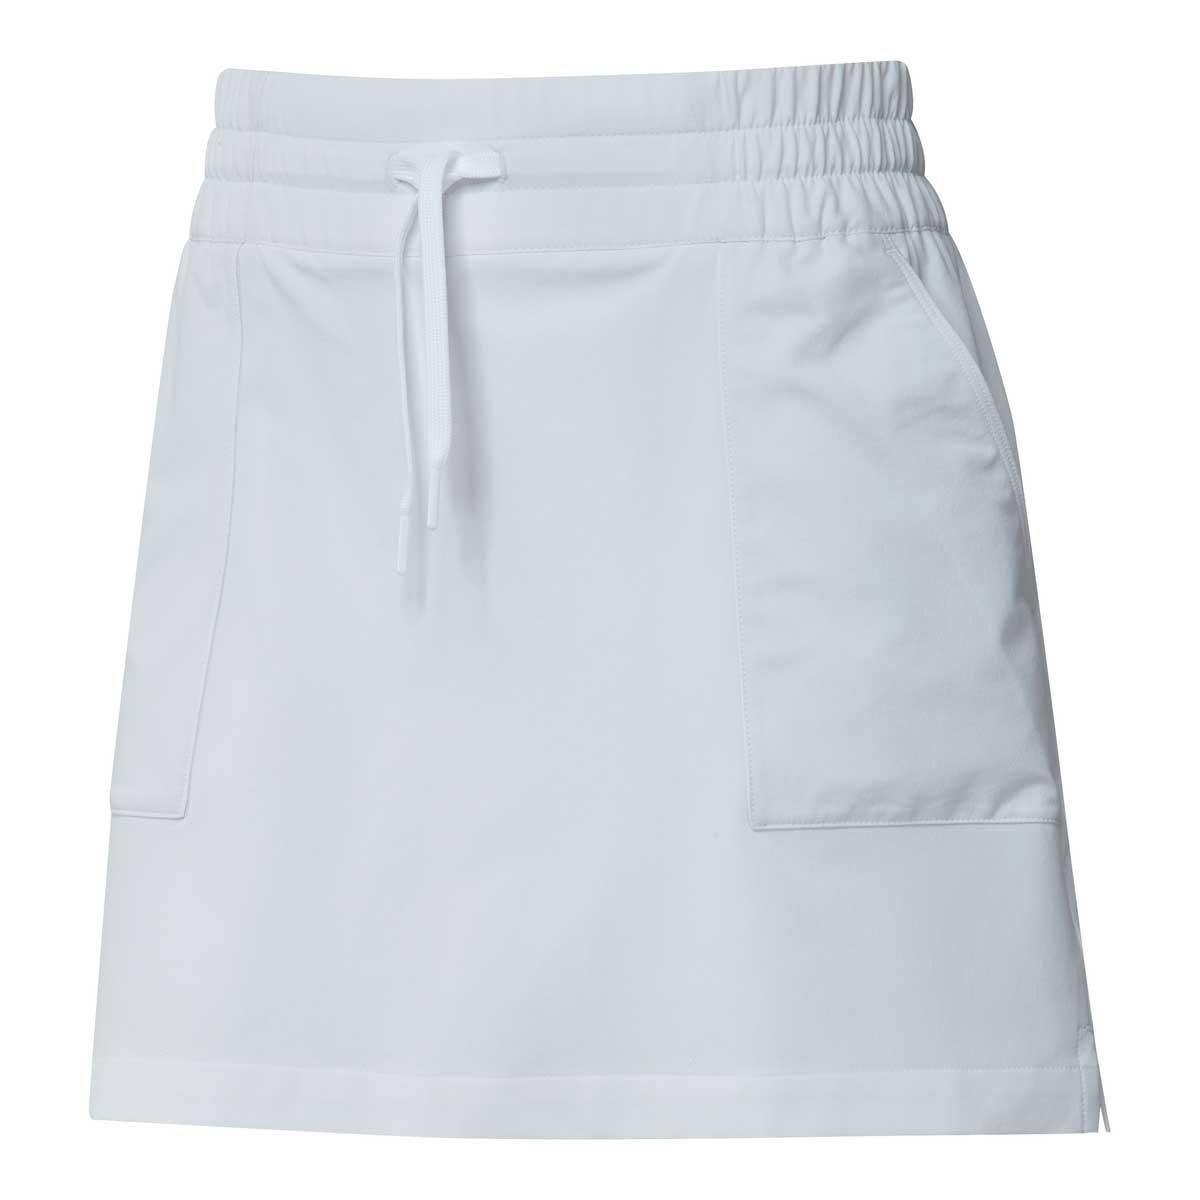 Adidas Women's Go-To 16 Inch White Skort